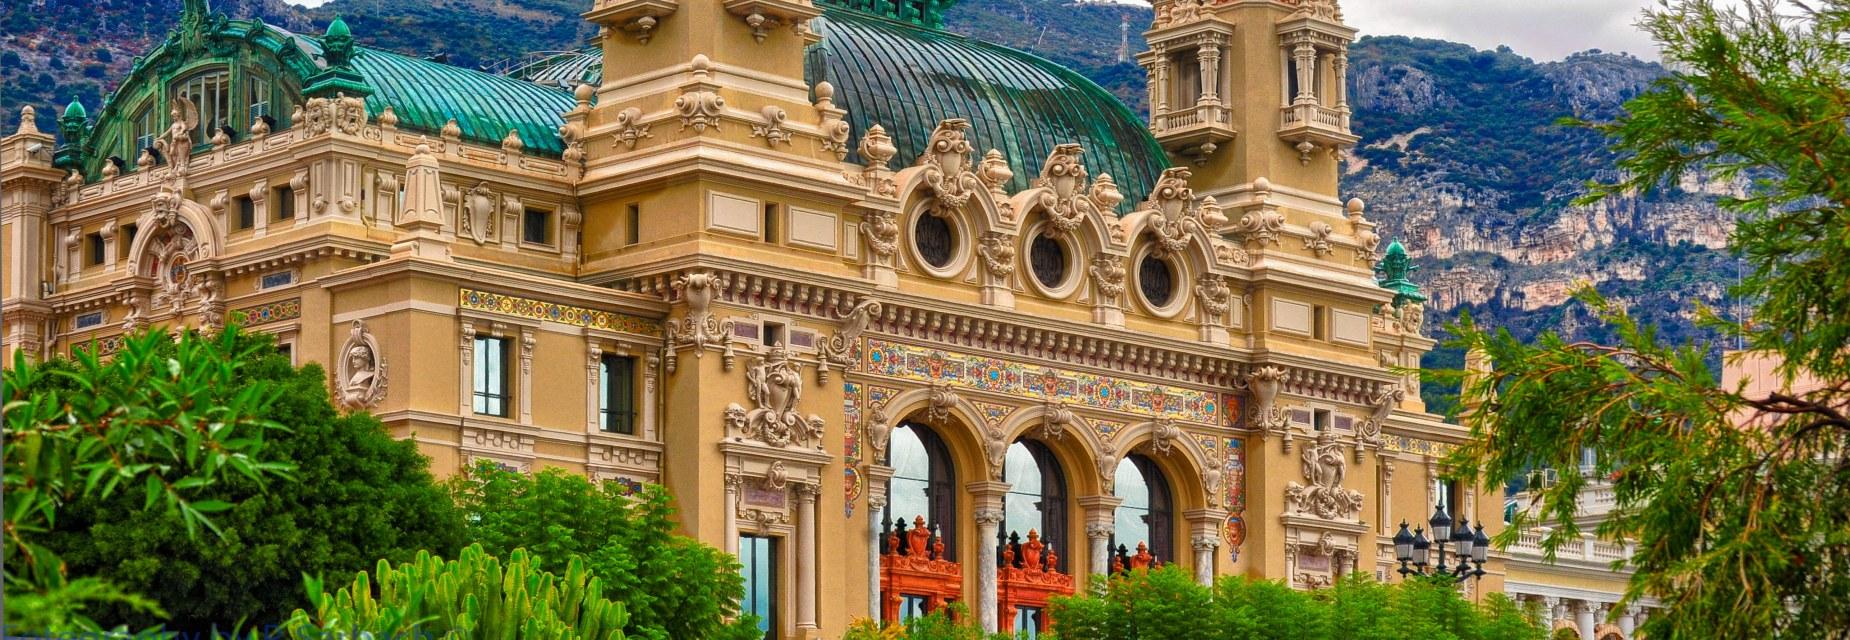 Opéra.de.Monte-Carlo